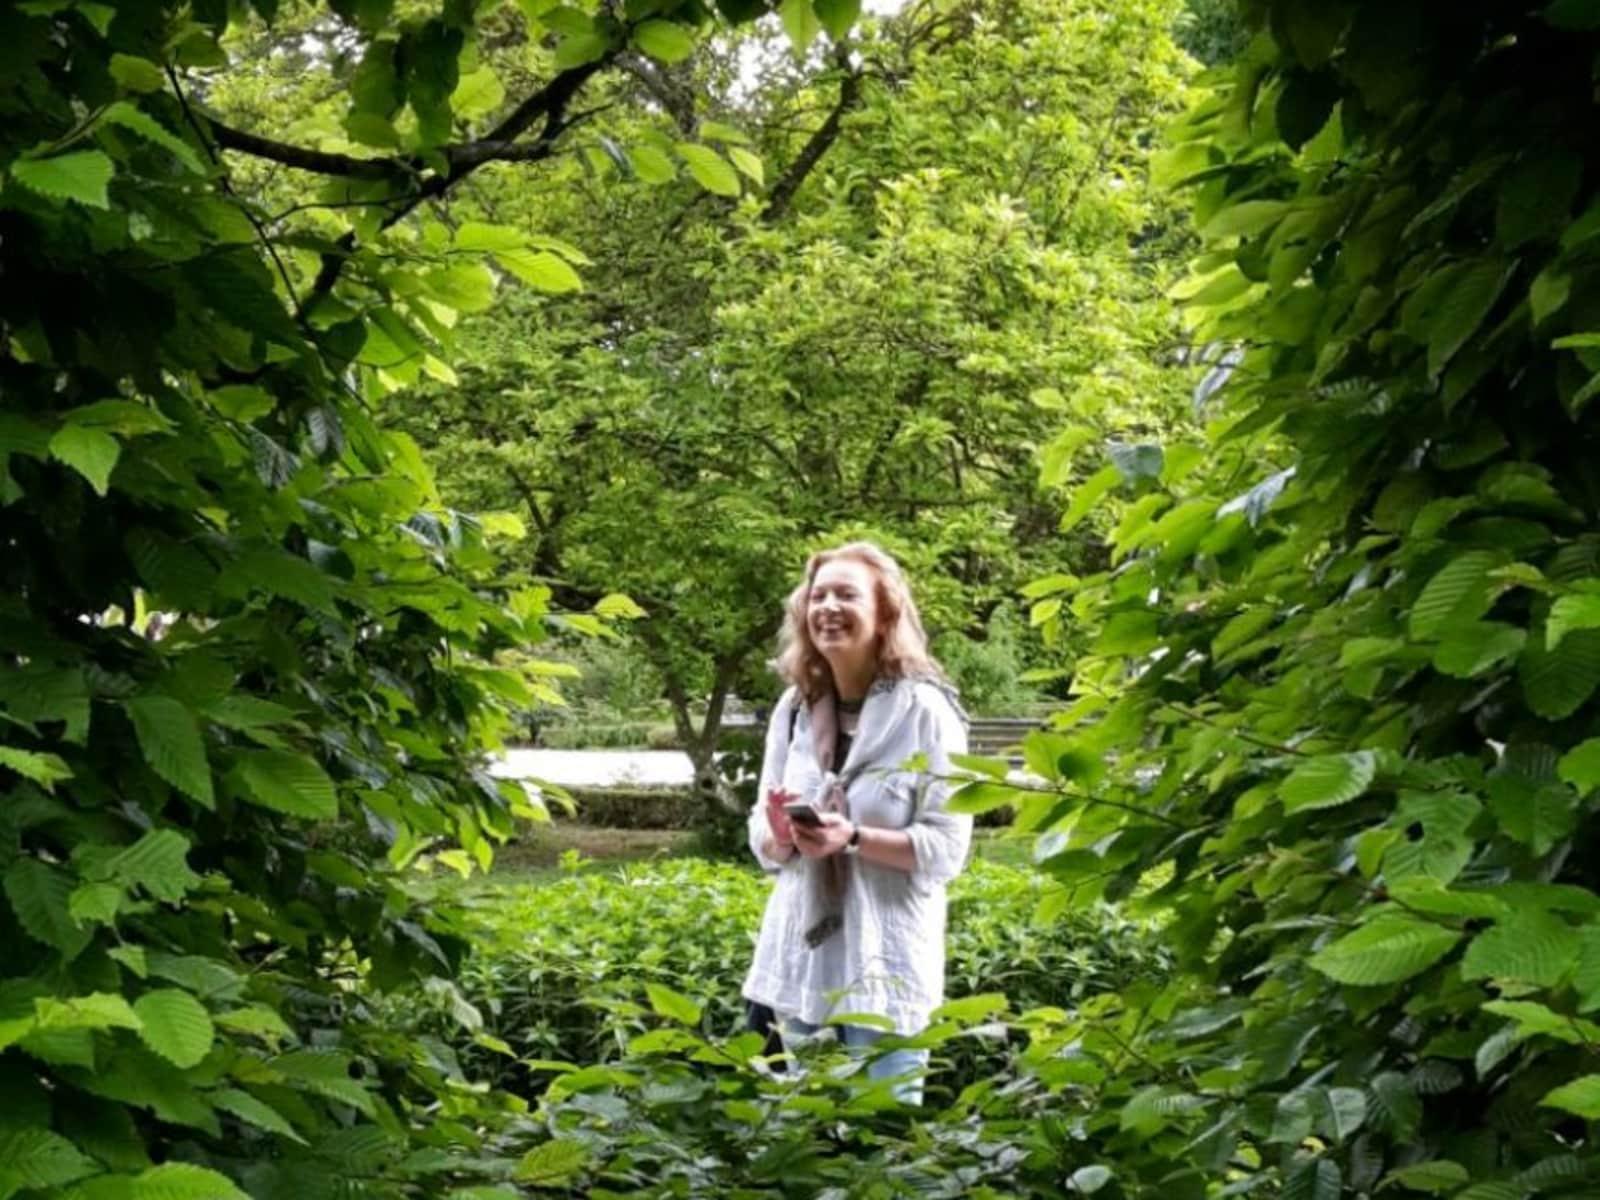 Karin from Stuttgart, Germany